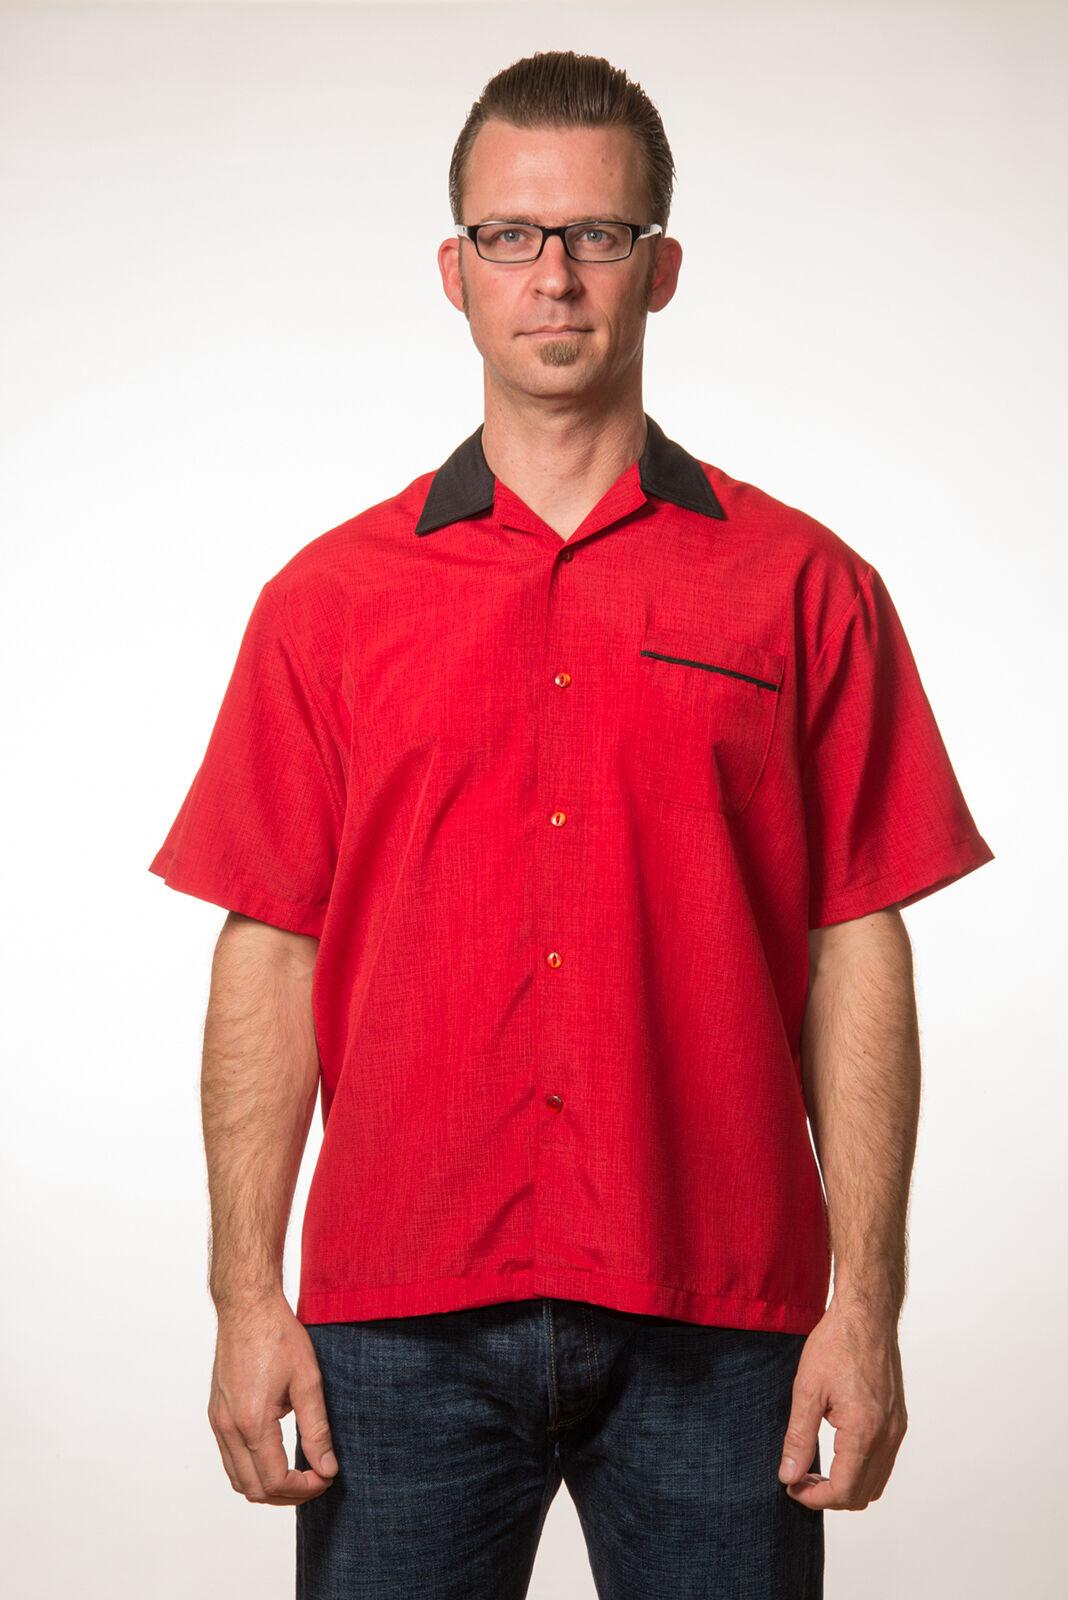 Rockabilly Rockabilly Rockabilly Camicia Da Uomo Retro Camicia S M XL Camicia Da Bowling Rock Steady 50s Stile 49933c